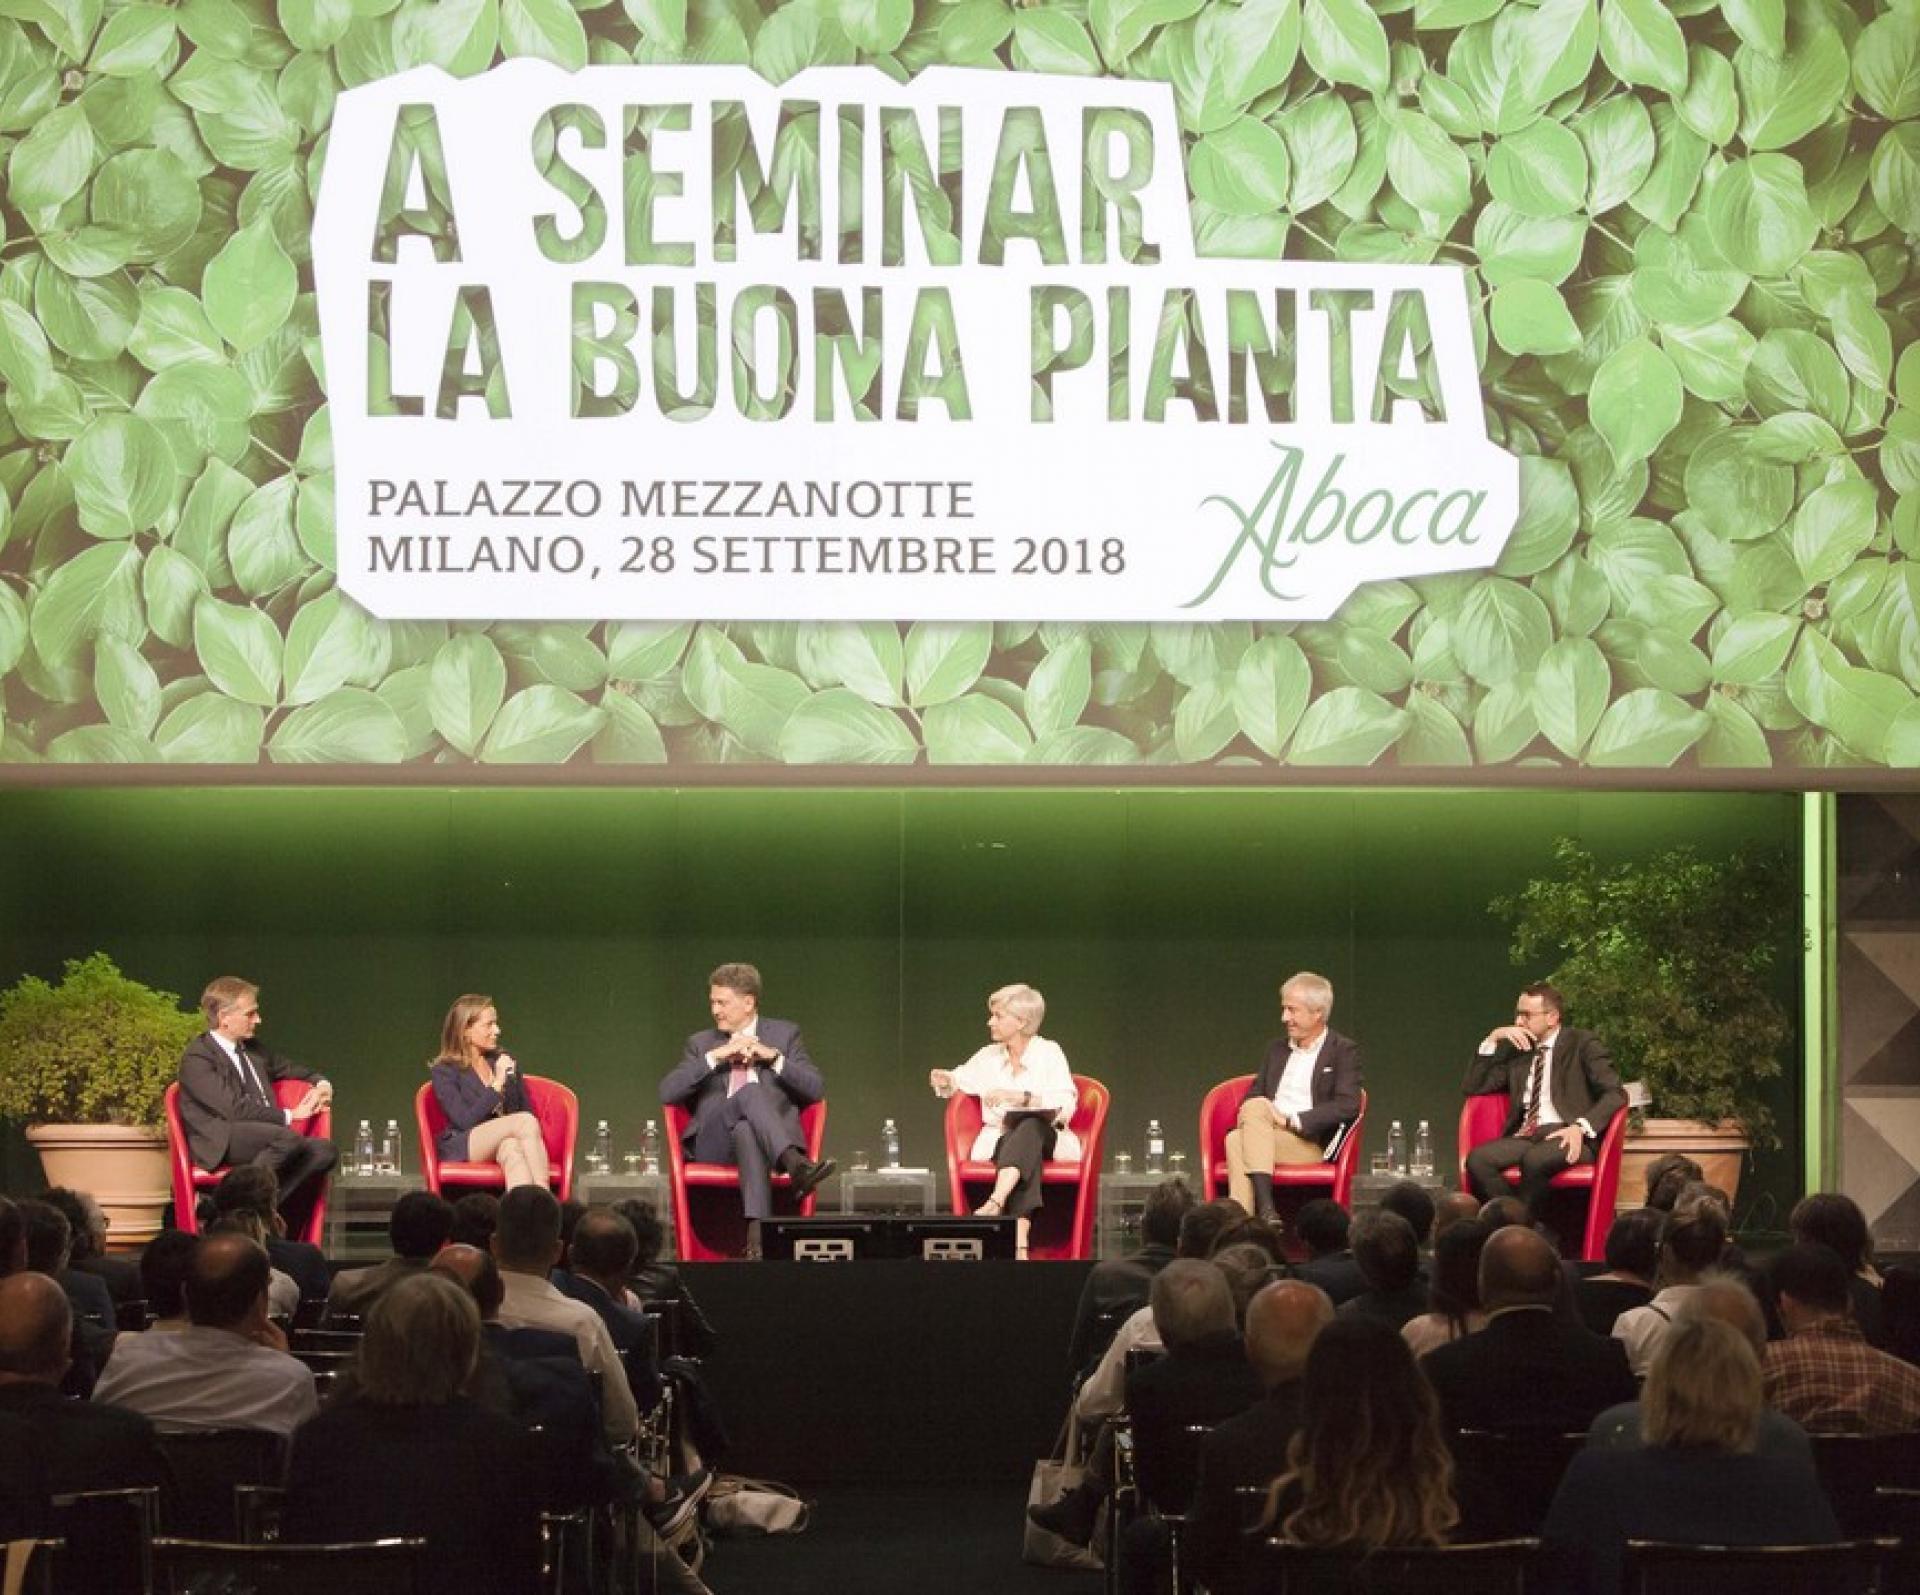 Aboca - Comunichiamo - Botanica